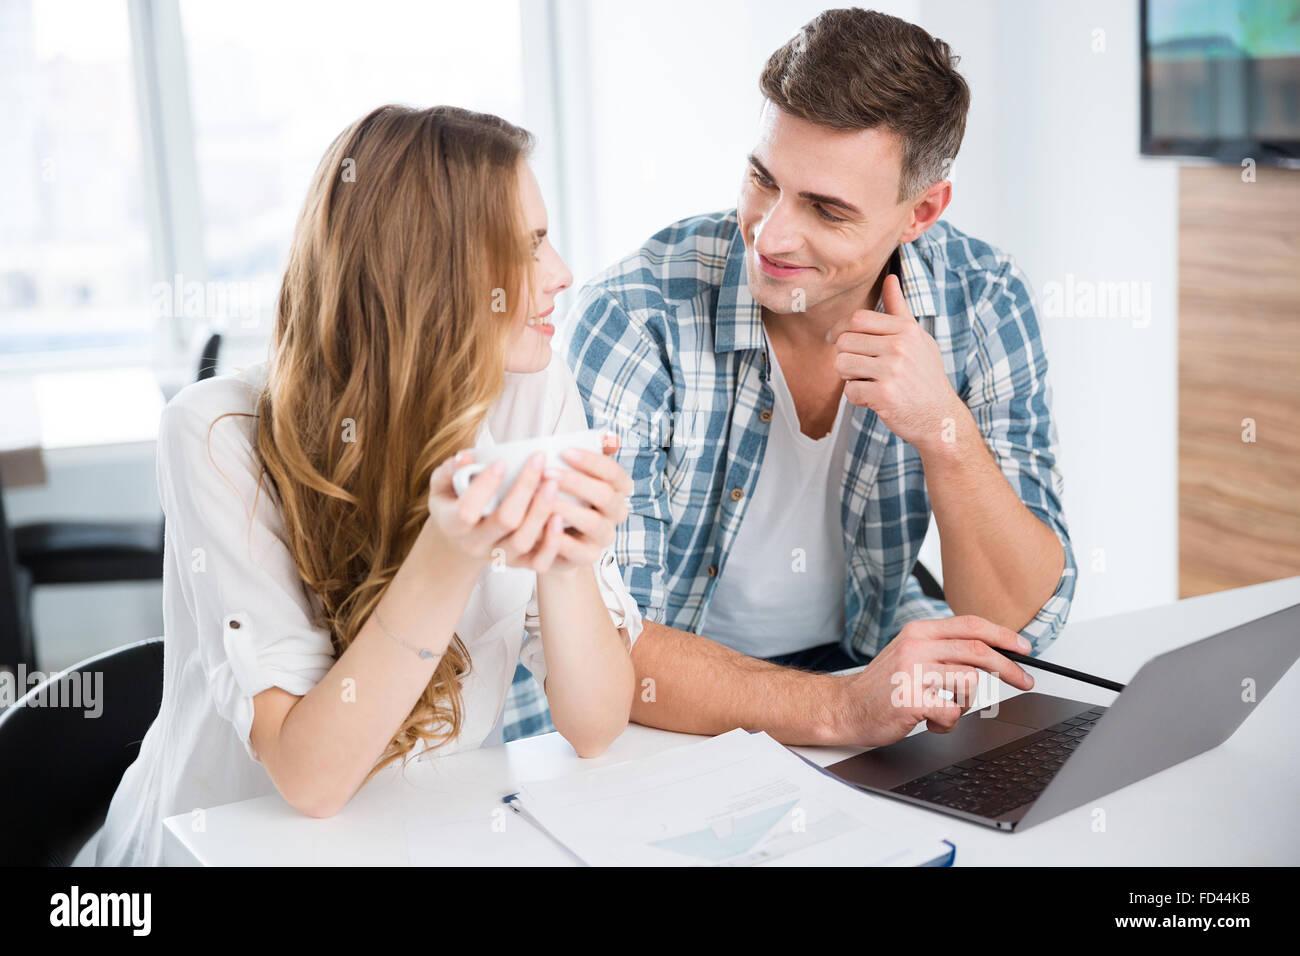 Compañeros sonrientes en ropa casual que trabajan con ordenador portátil y bebiendo café Imagen De Stock